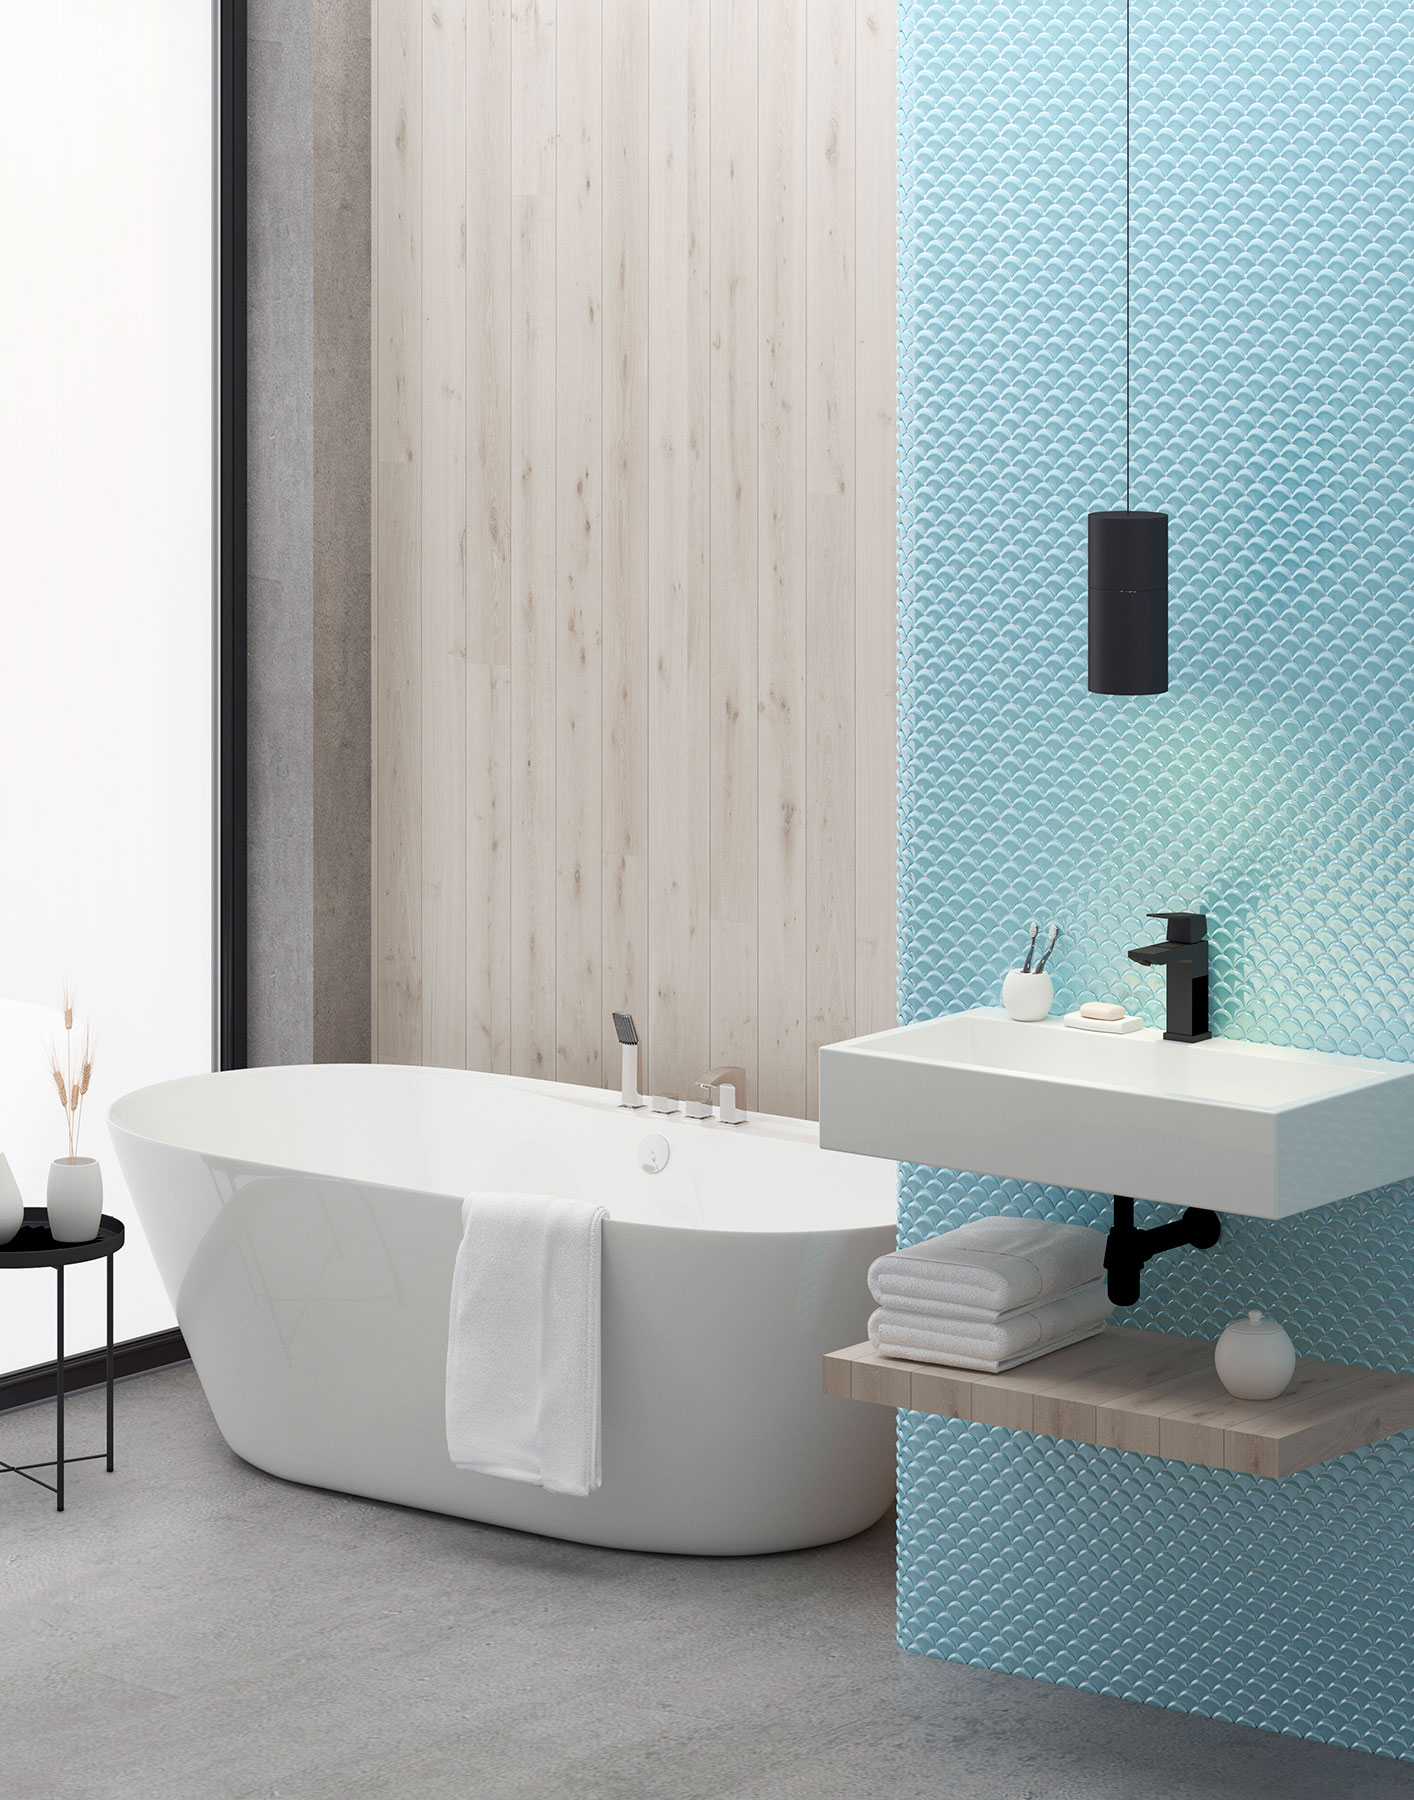 Dimension Tender Br - Mosaico Decorativo: Tendencia Para Baños Y Cocinas 2021 - Decoración